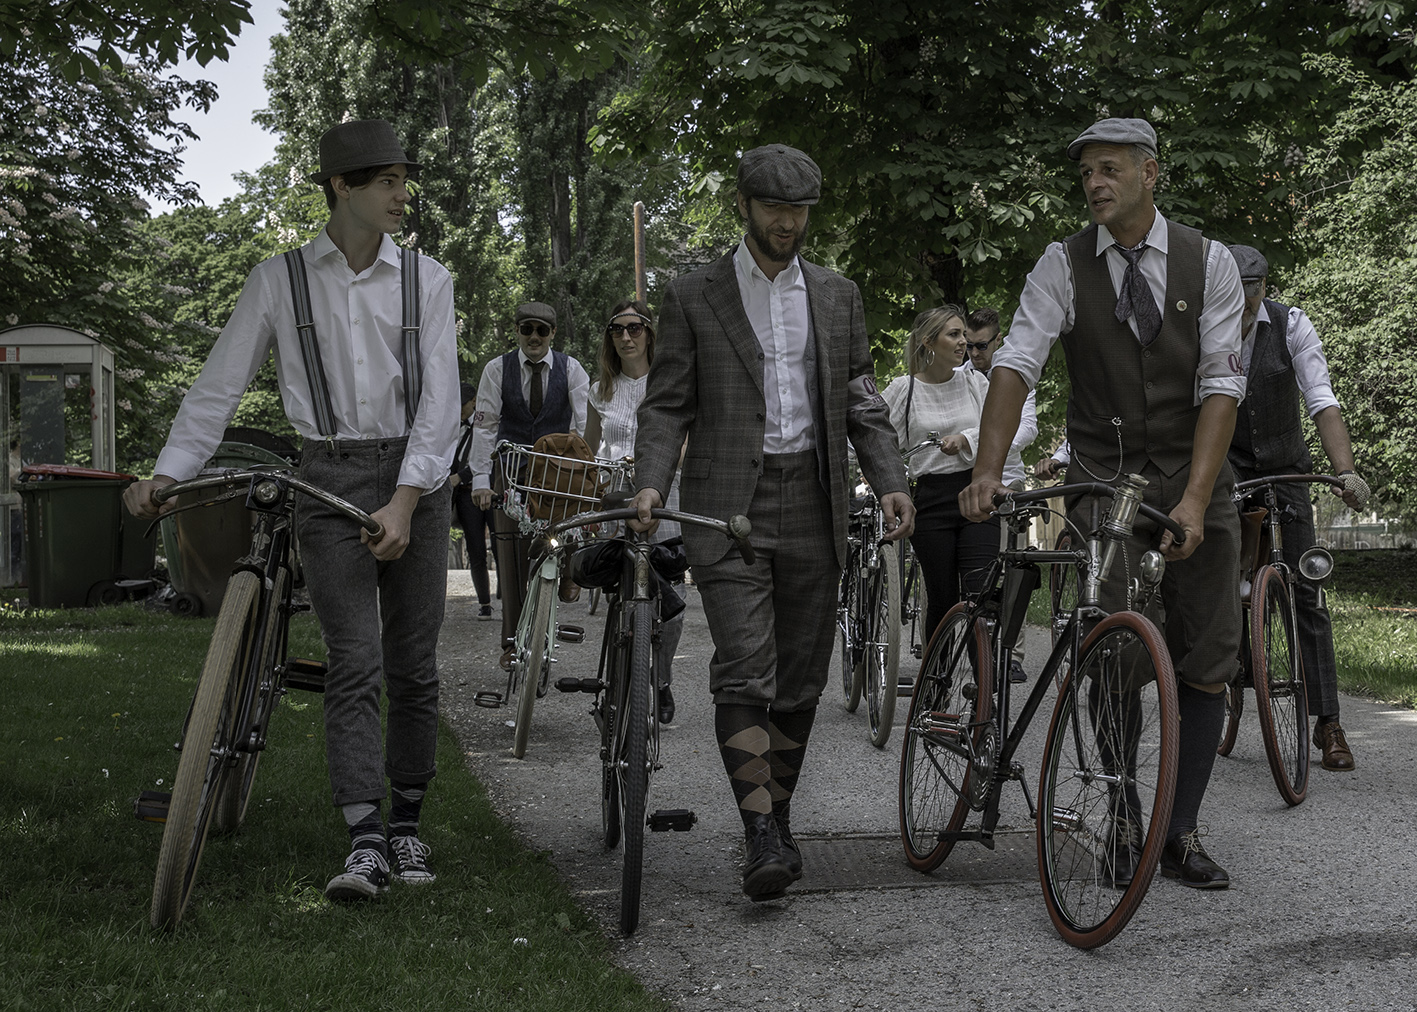 Radfahrer_375A4500